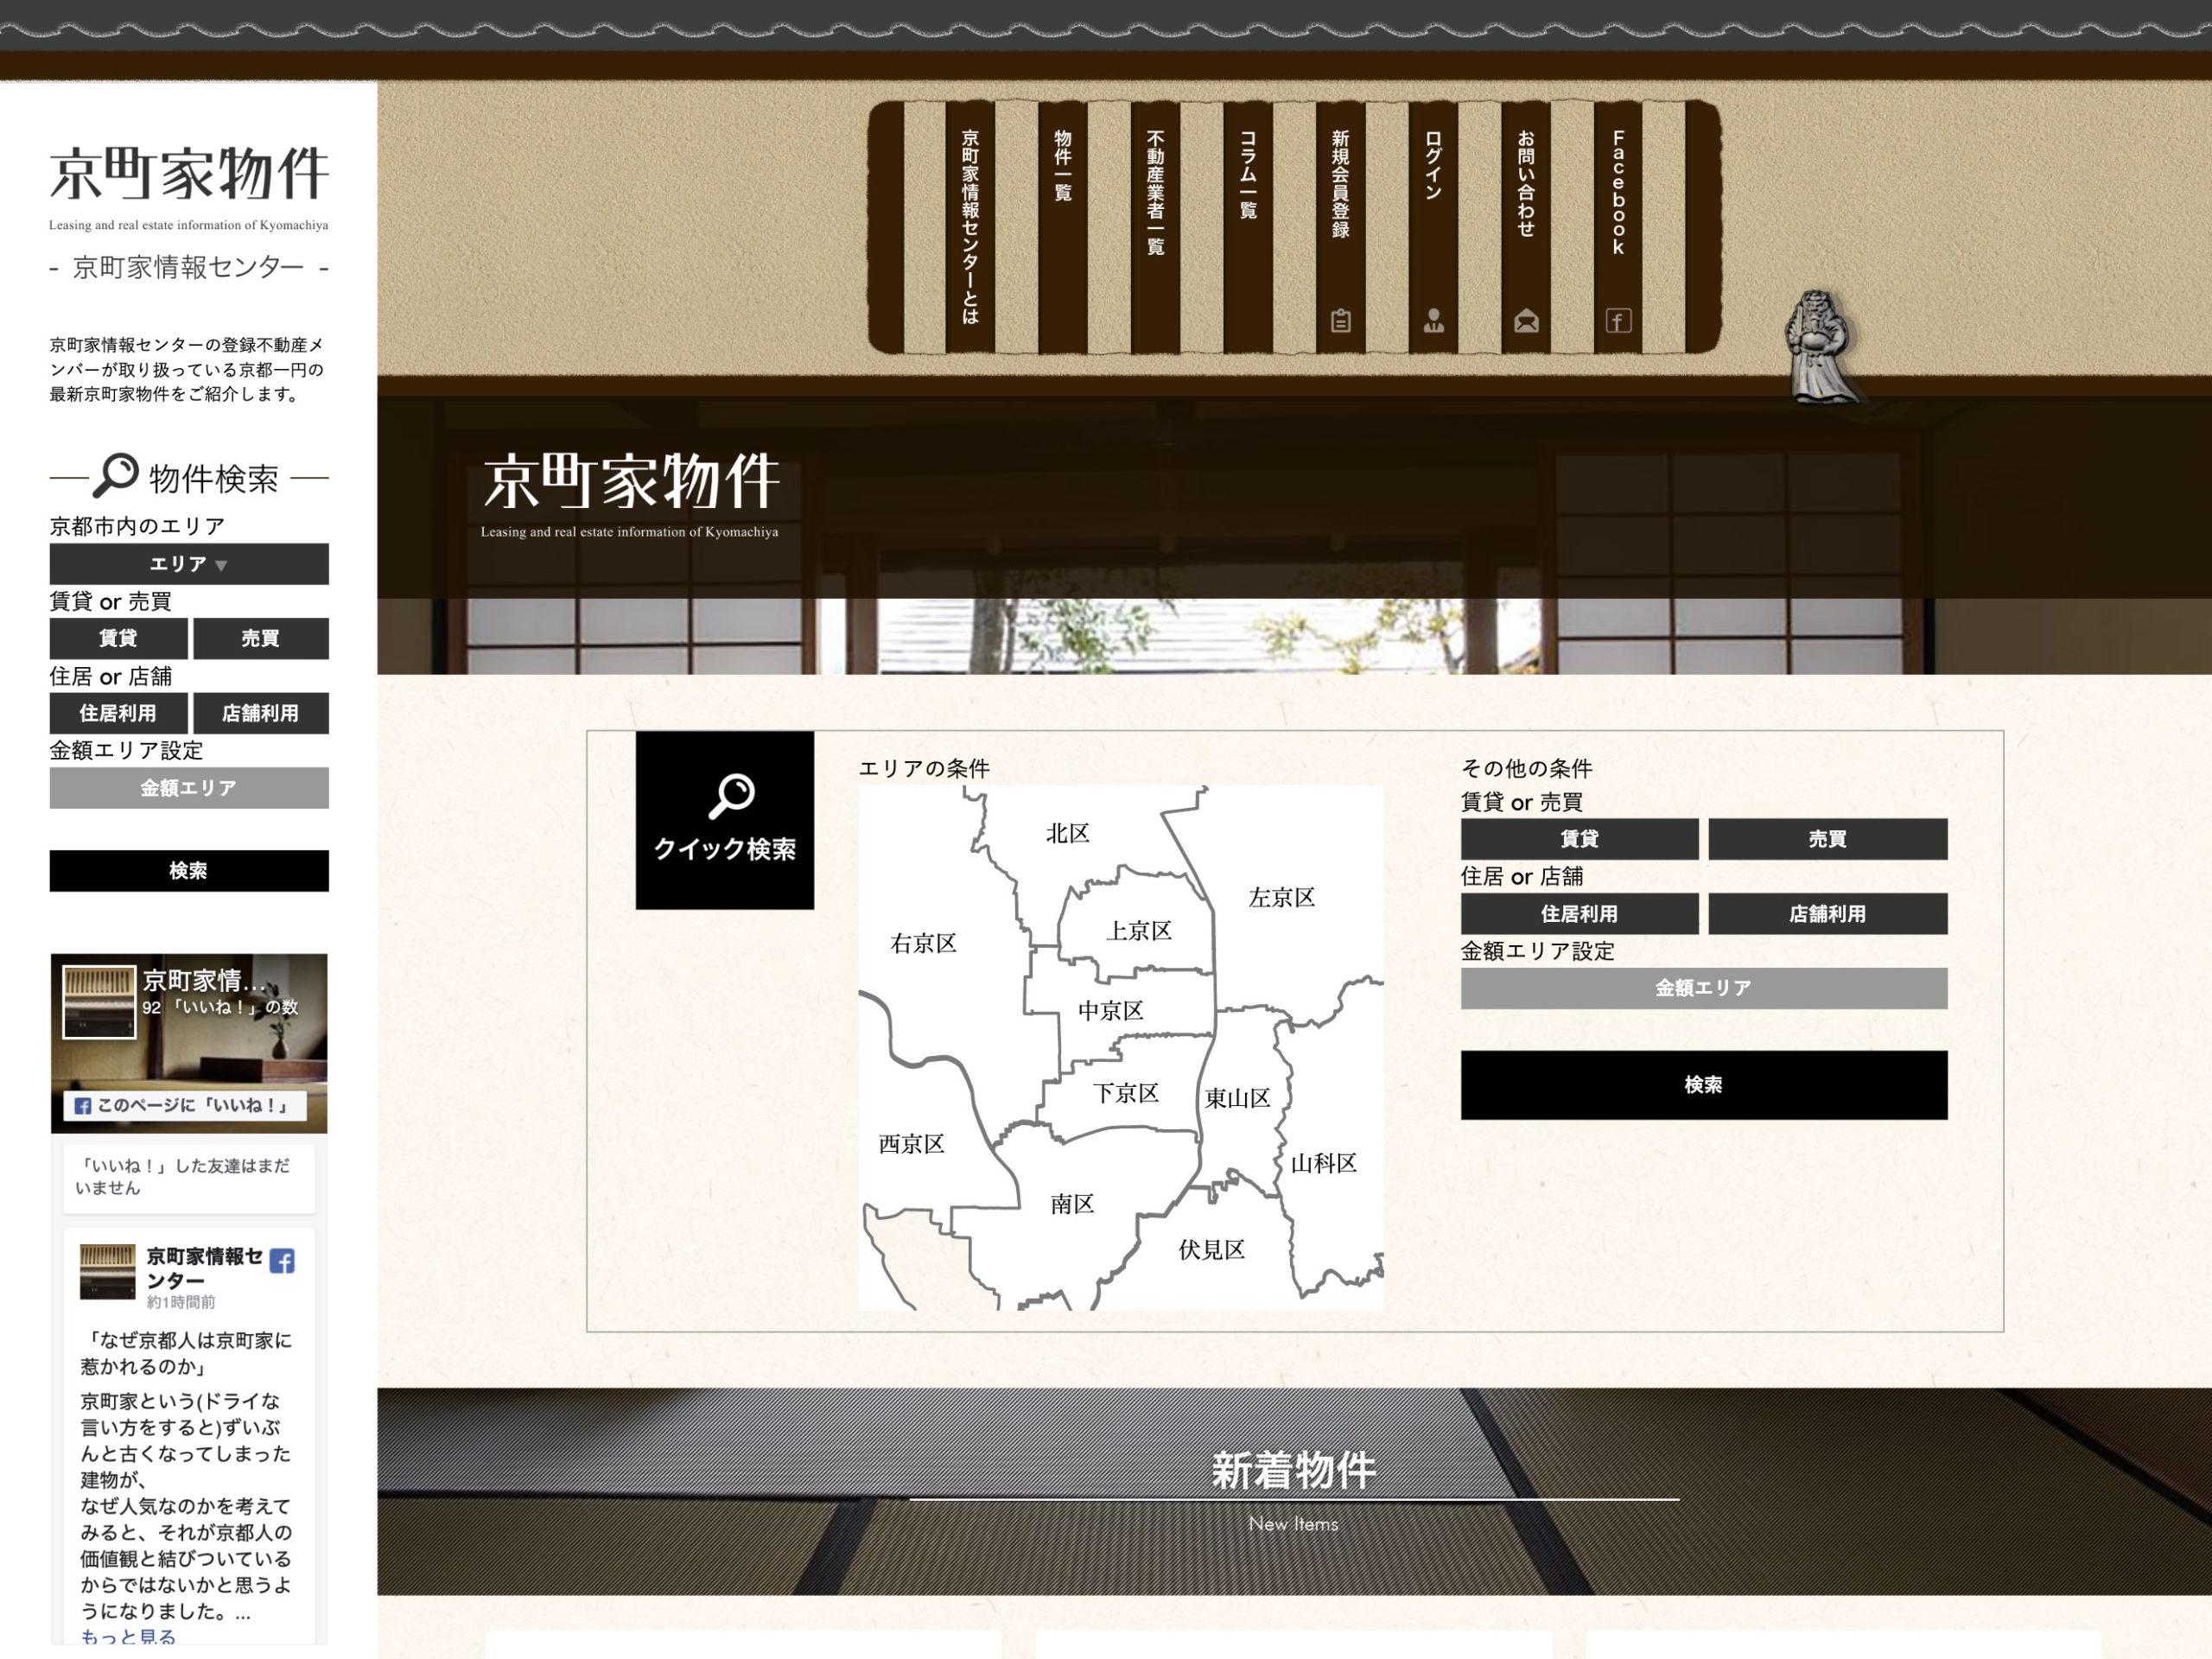 京町家情報センター webサイト